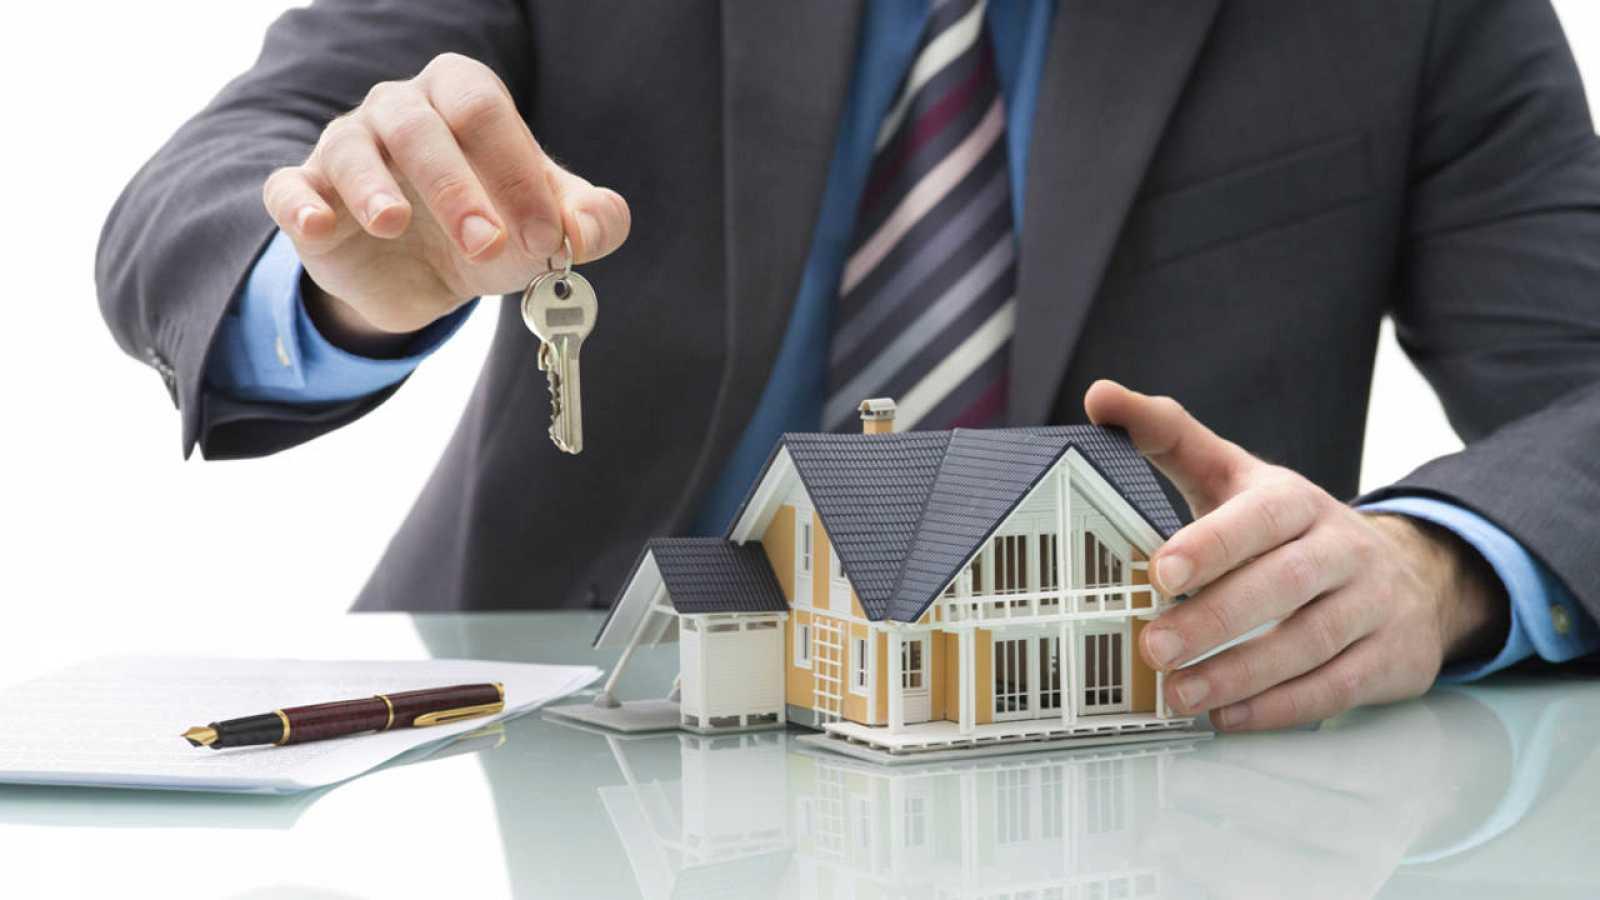 Requisitos para obtener un préstamo hipotecario